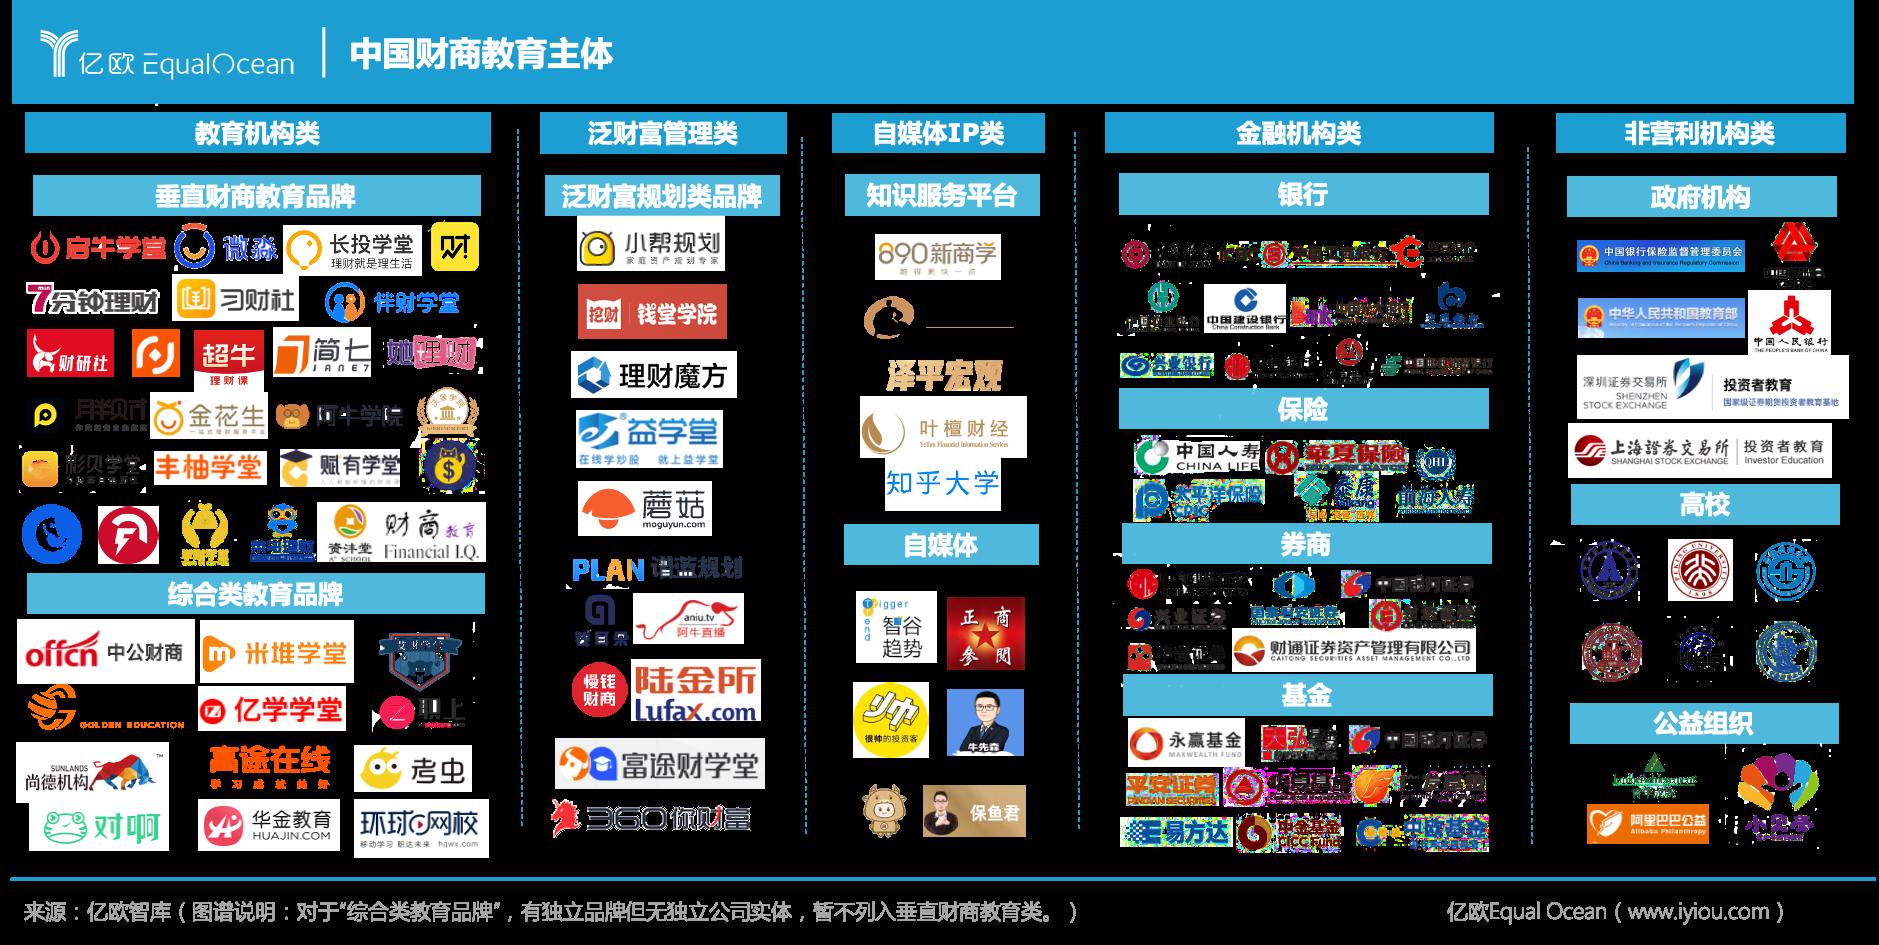 亿欧智库:中国财商教育主体五大分类图谱